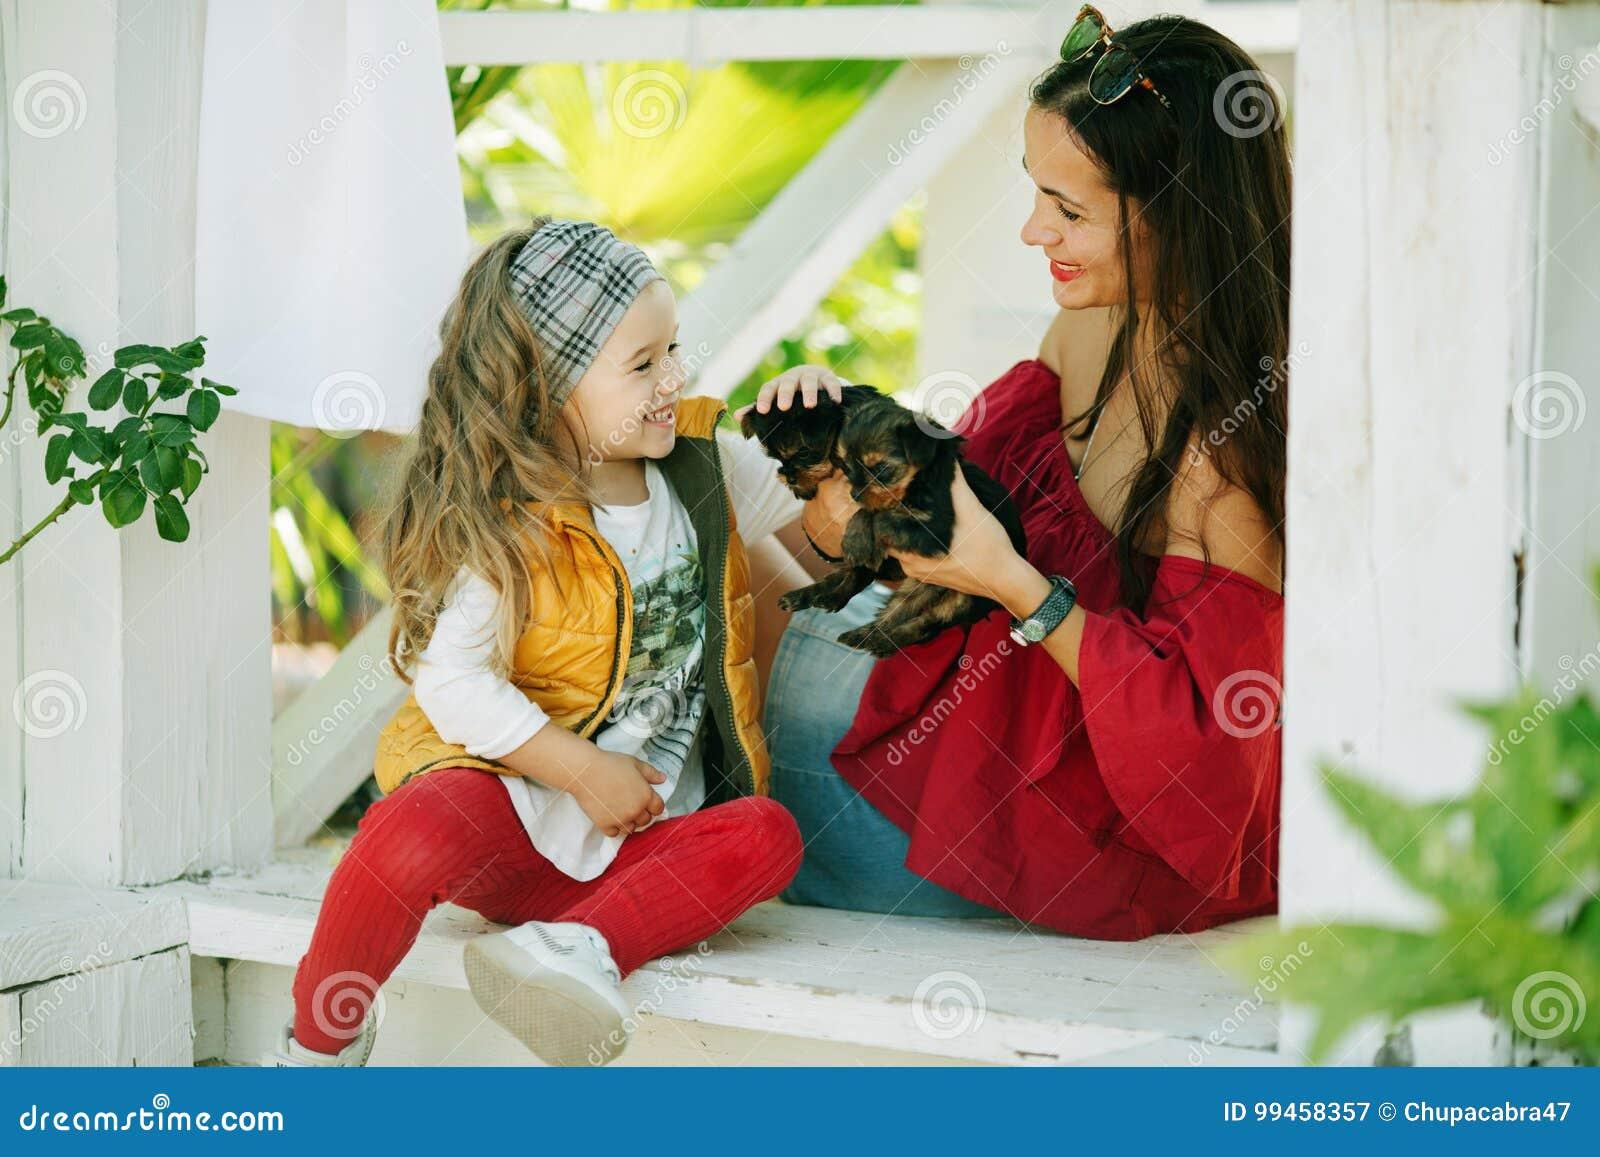 caldi mamma. com. grandi tette e fighe